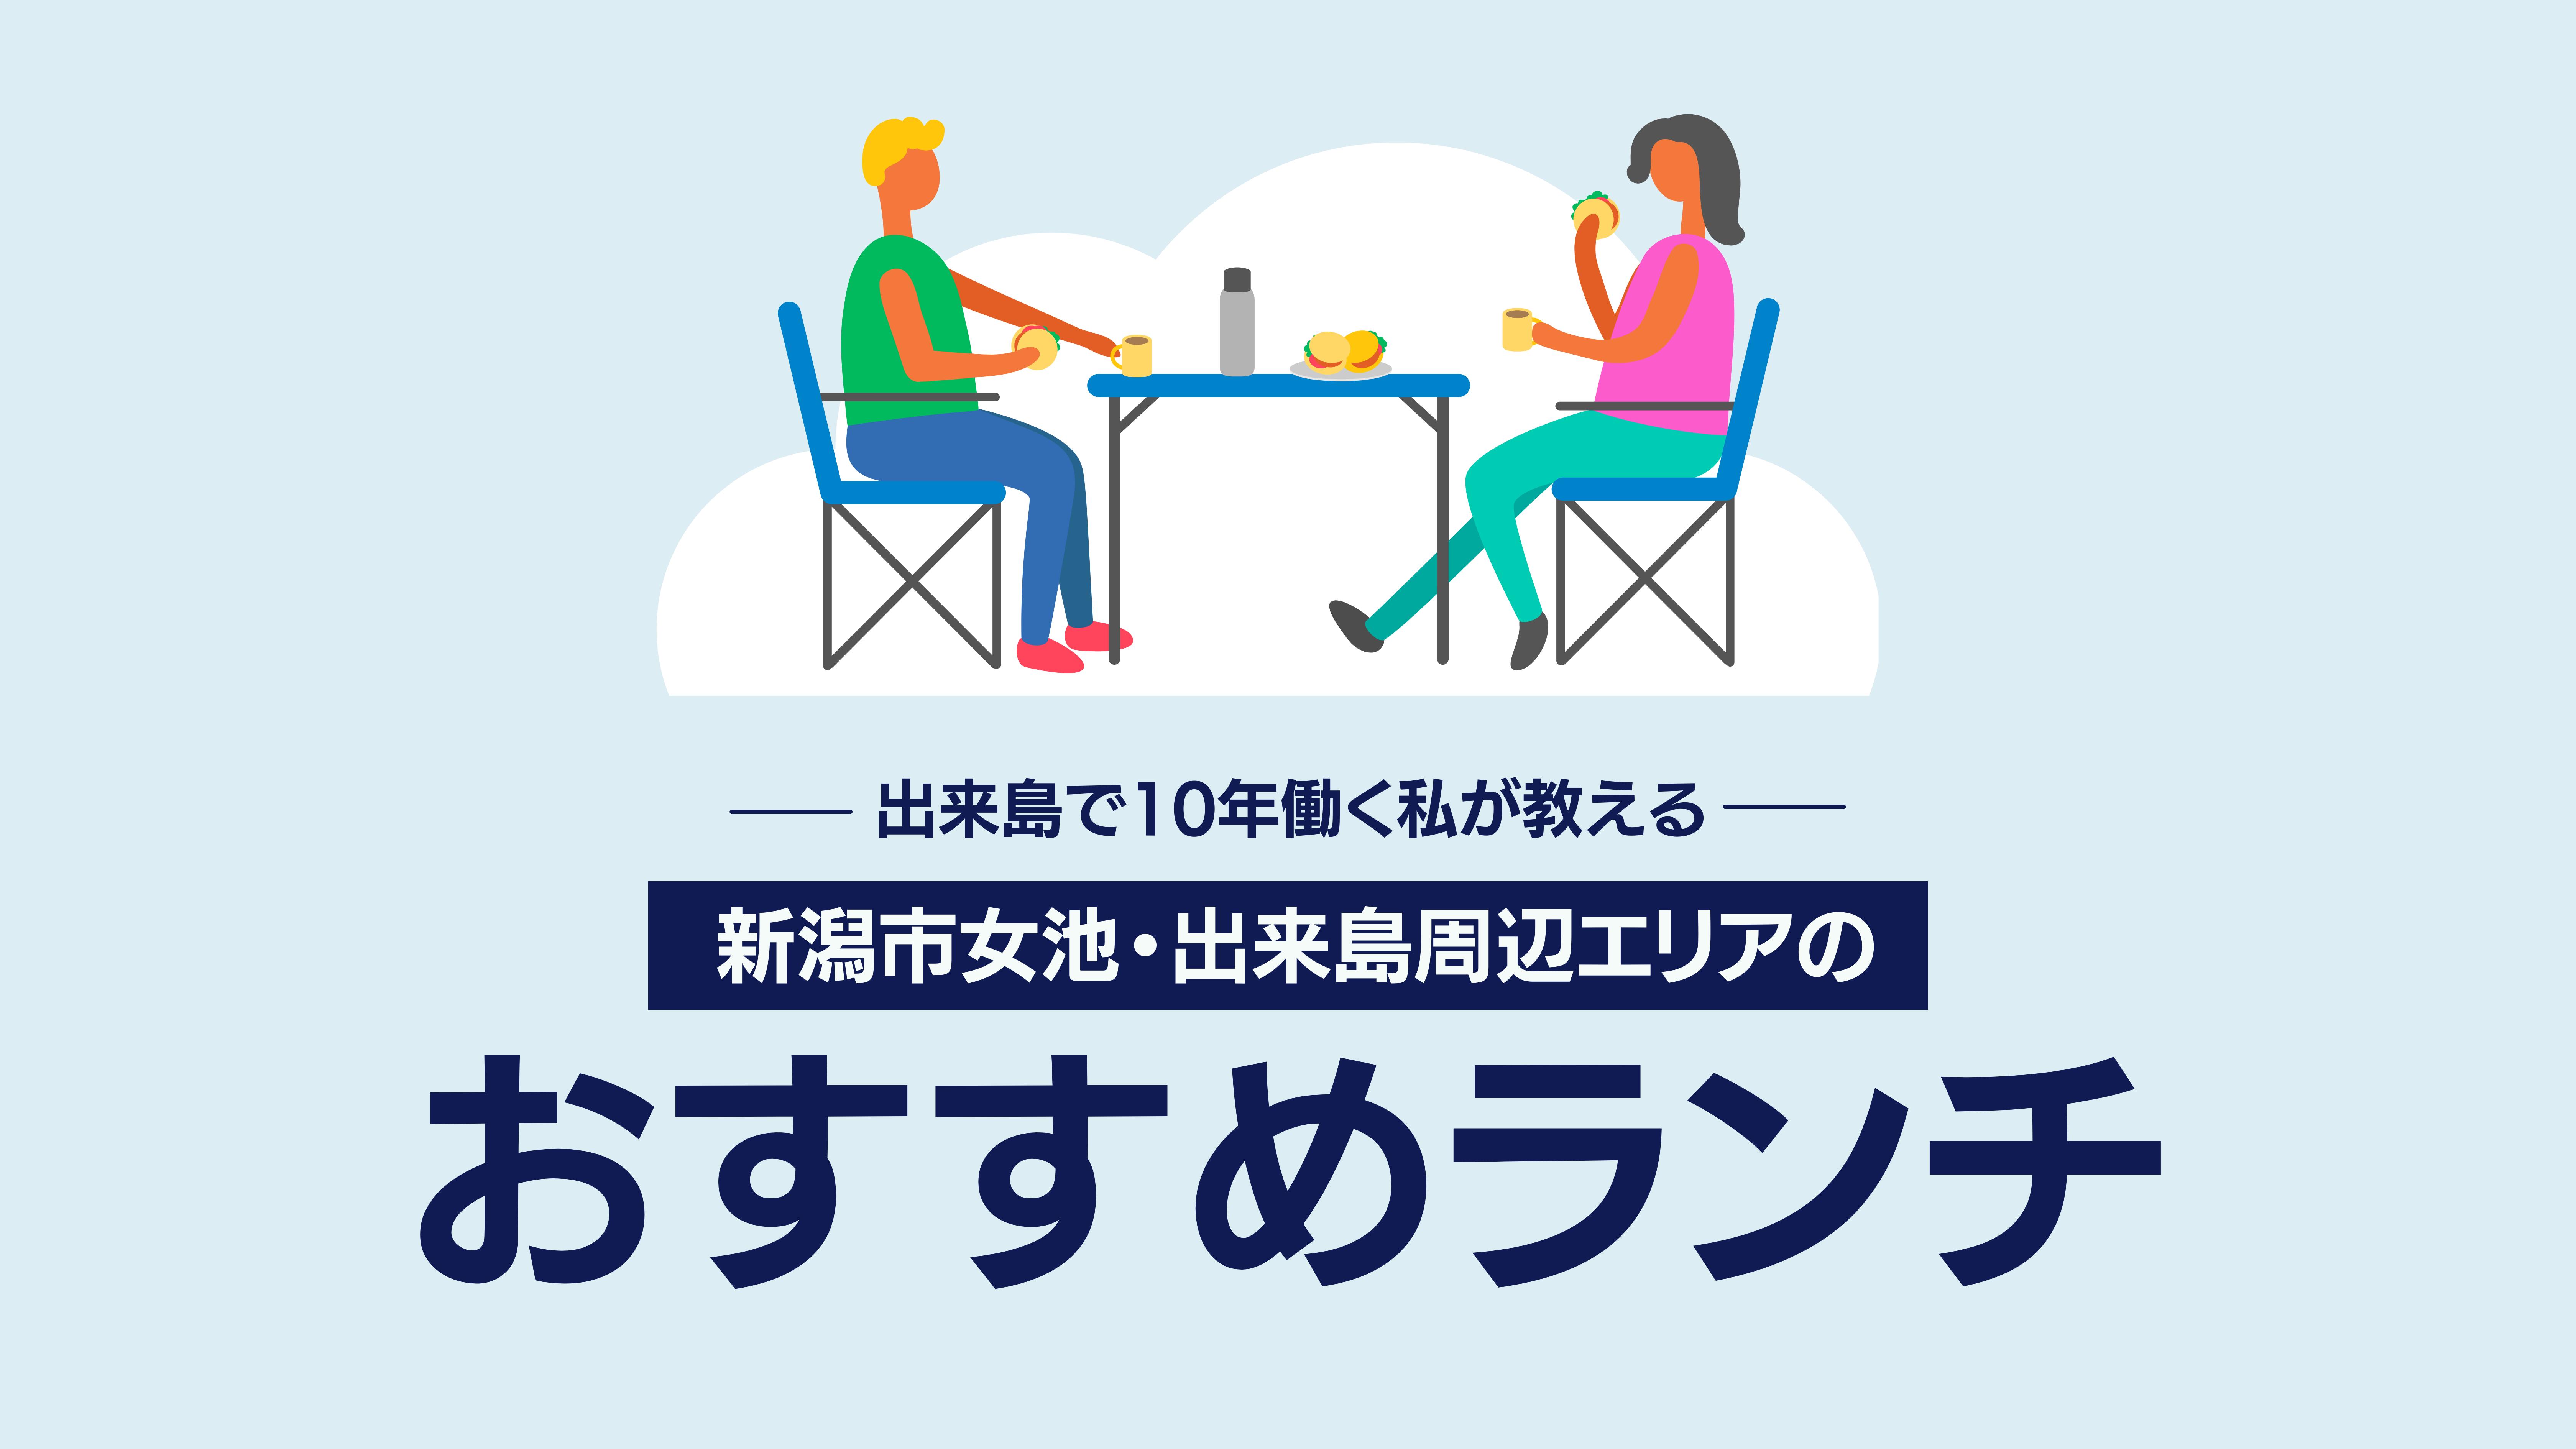 【決定版】新潟市女池・出来島周辺エリアで10年働く私が同エリアでおすすめのランチ